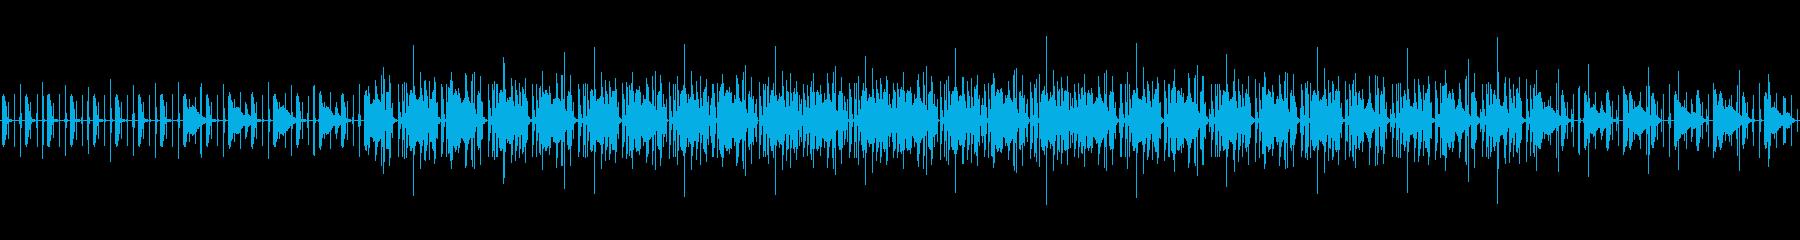 不気味でホラーな雰囲気のBGMの再生済みの波形